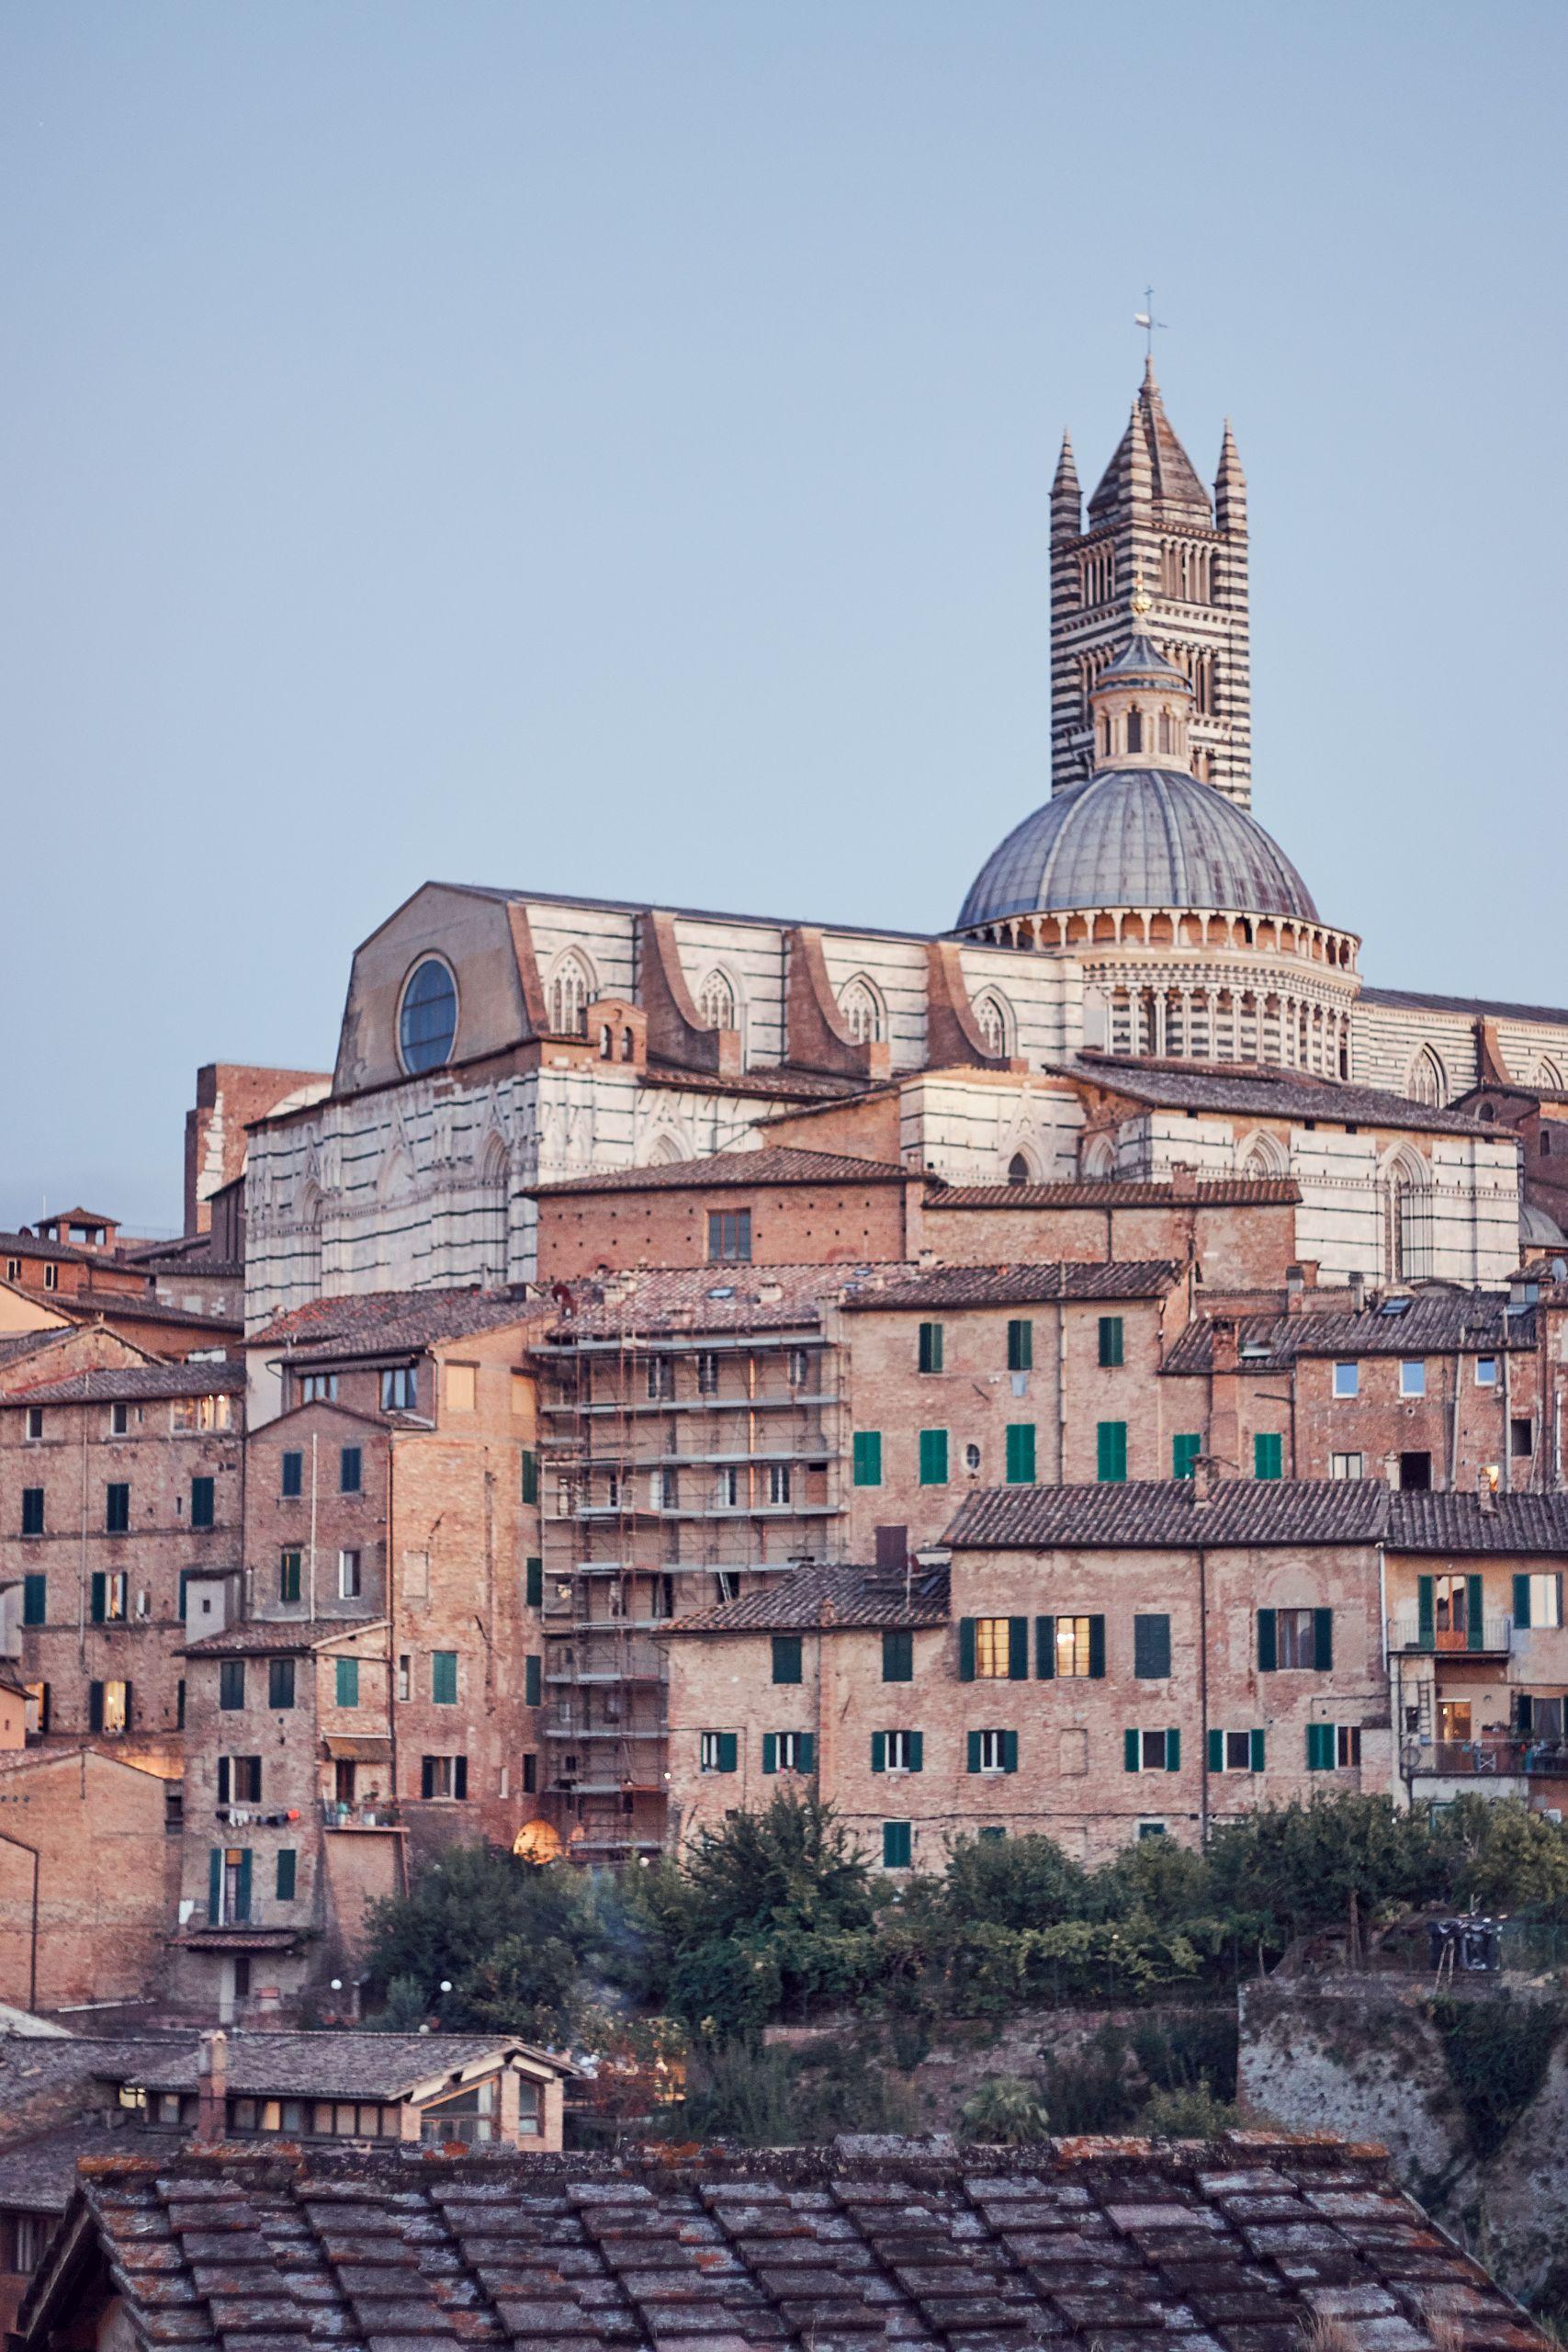 Der Dom von Siena als Zwischenstopp vom Toskana Roadtrip